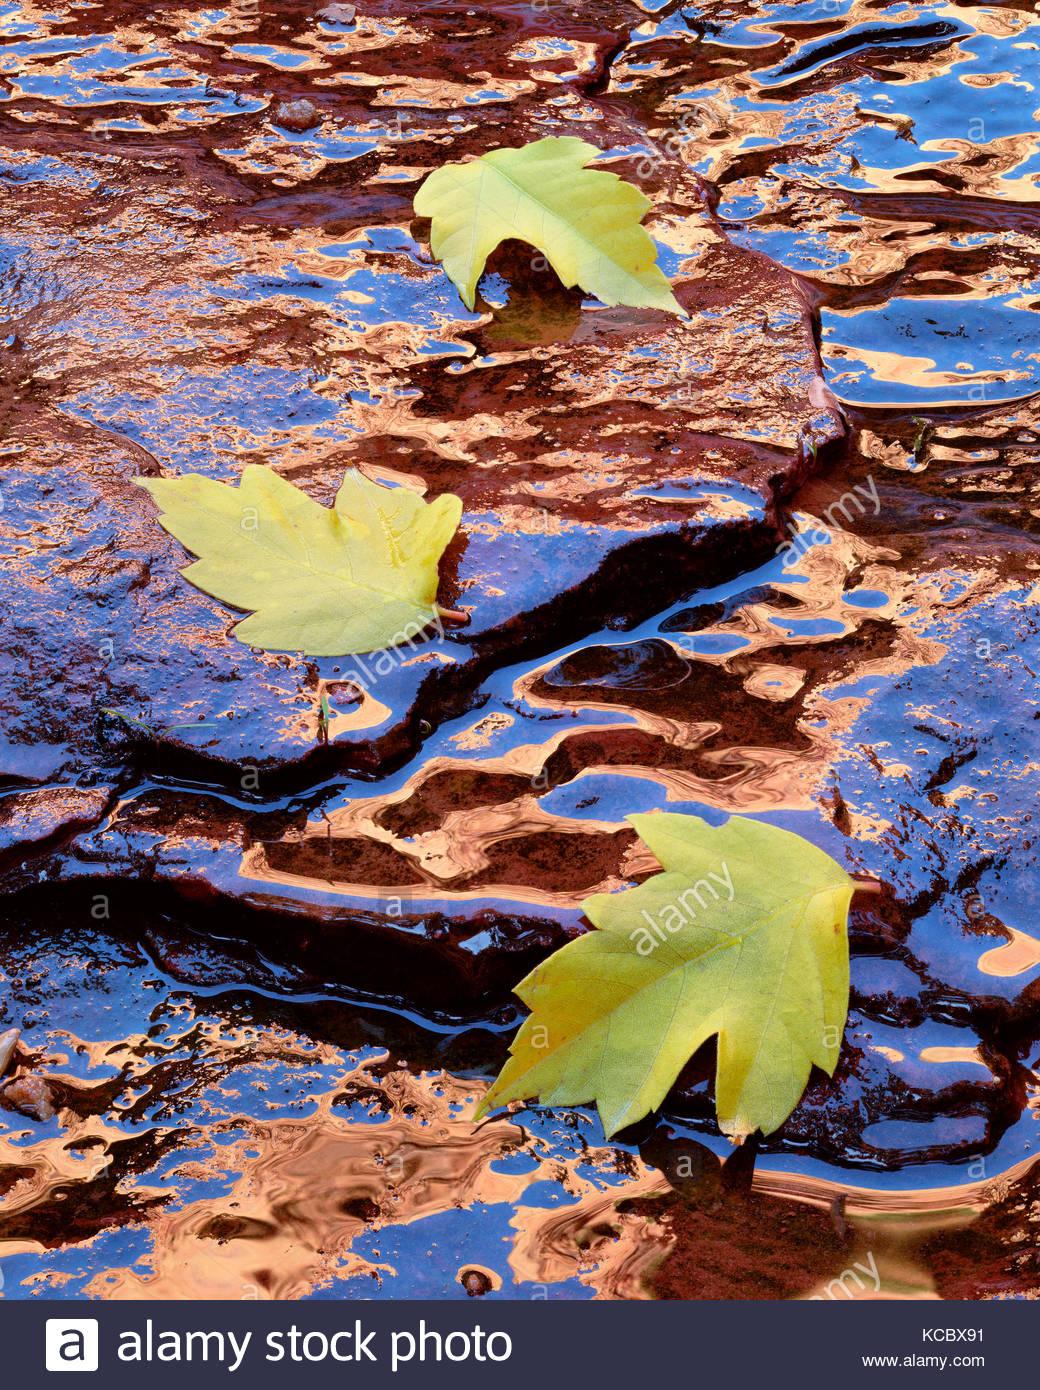 Feuilles d'érable négondo tombé sur Spring, Seep, Kolob Canyons Zion National Park, Utah Photo Stock